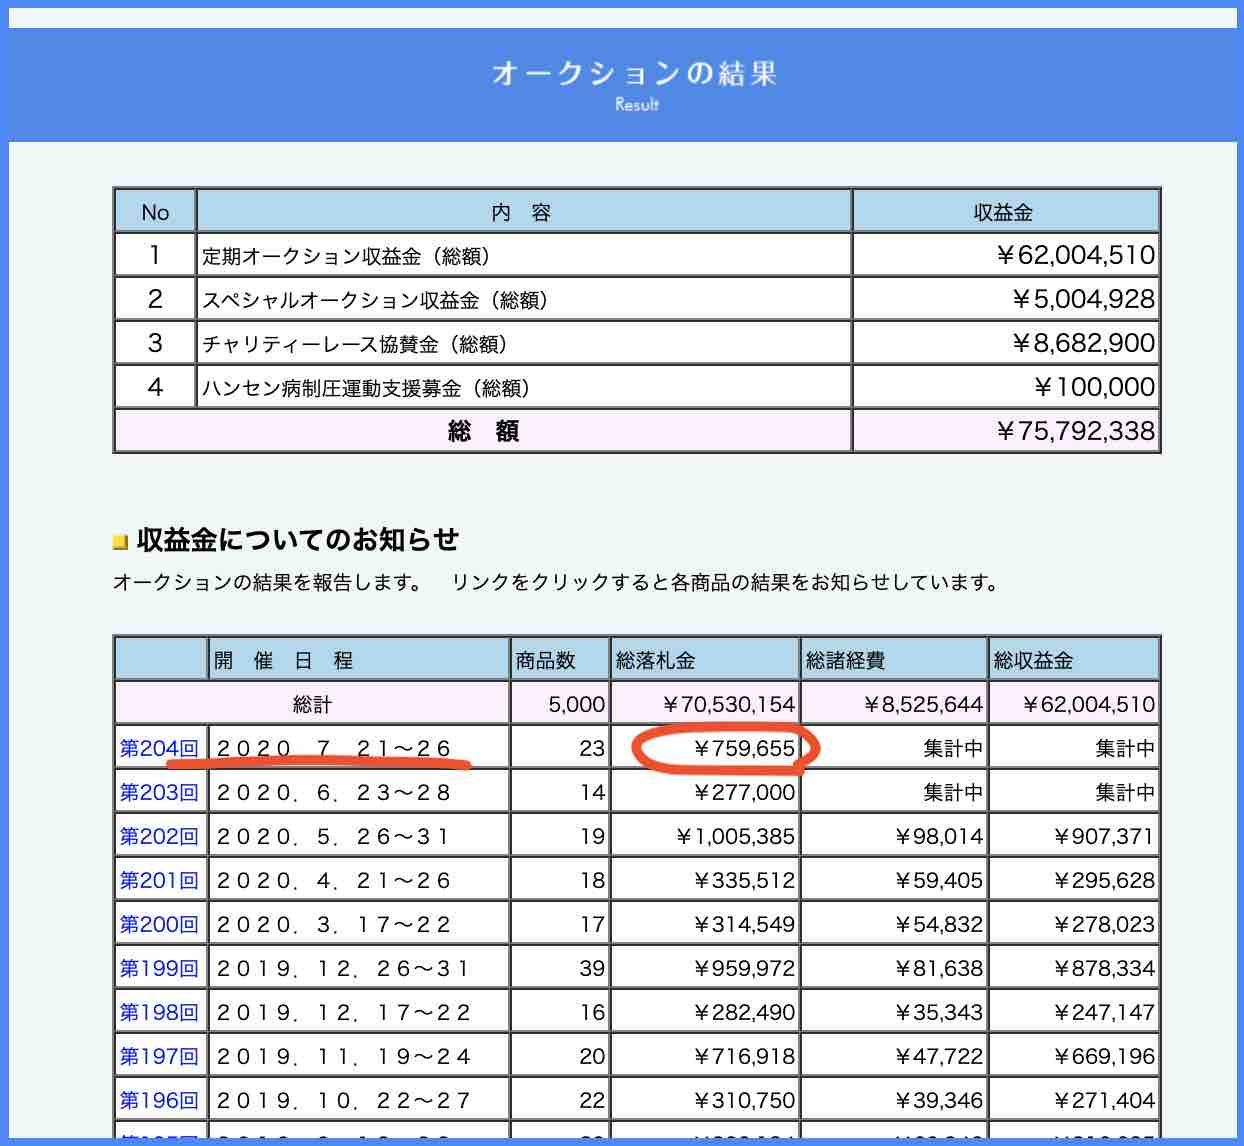 競艇ボートレース公式ハンセン病チャリティーオークション、SGオーシャンカップの結果総額